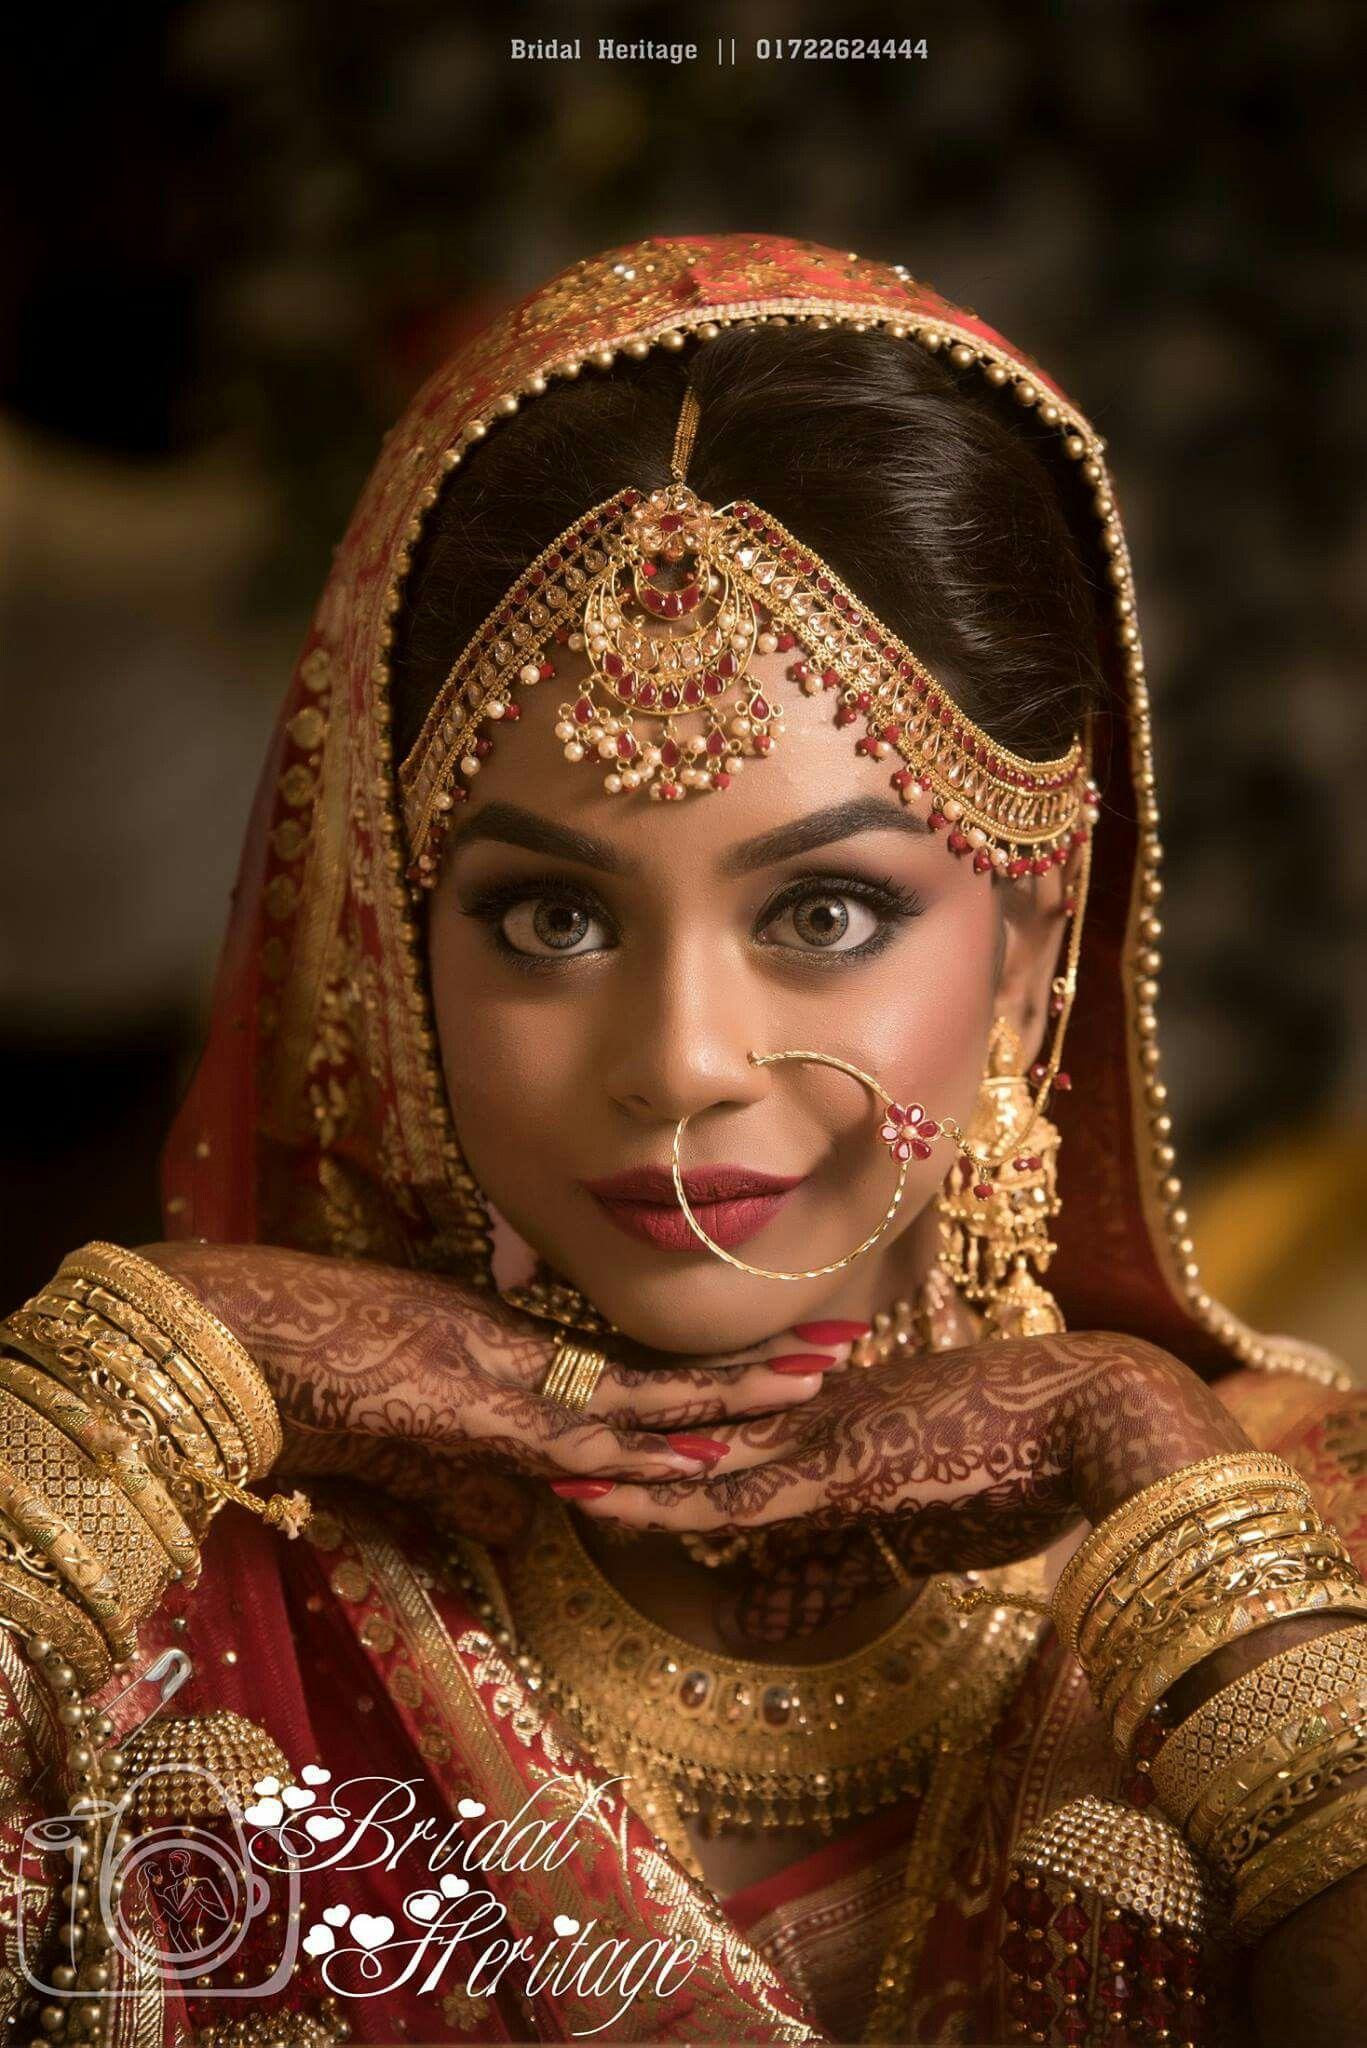 Pin De This Is A Bourbon Household Em Bangladeshi Bride Mulheres Indianas Moda Indiana Mulher